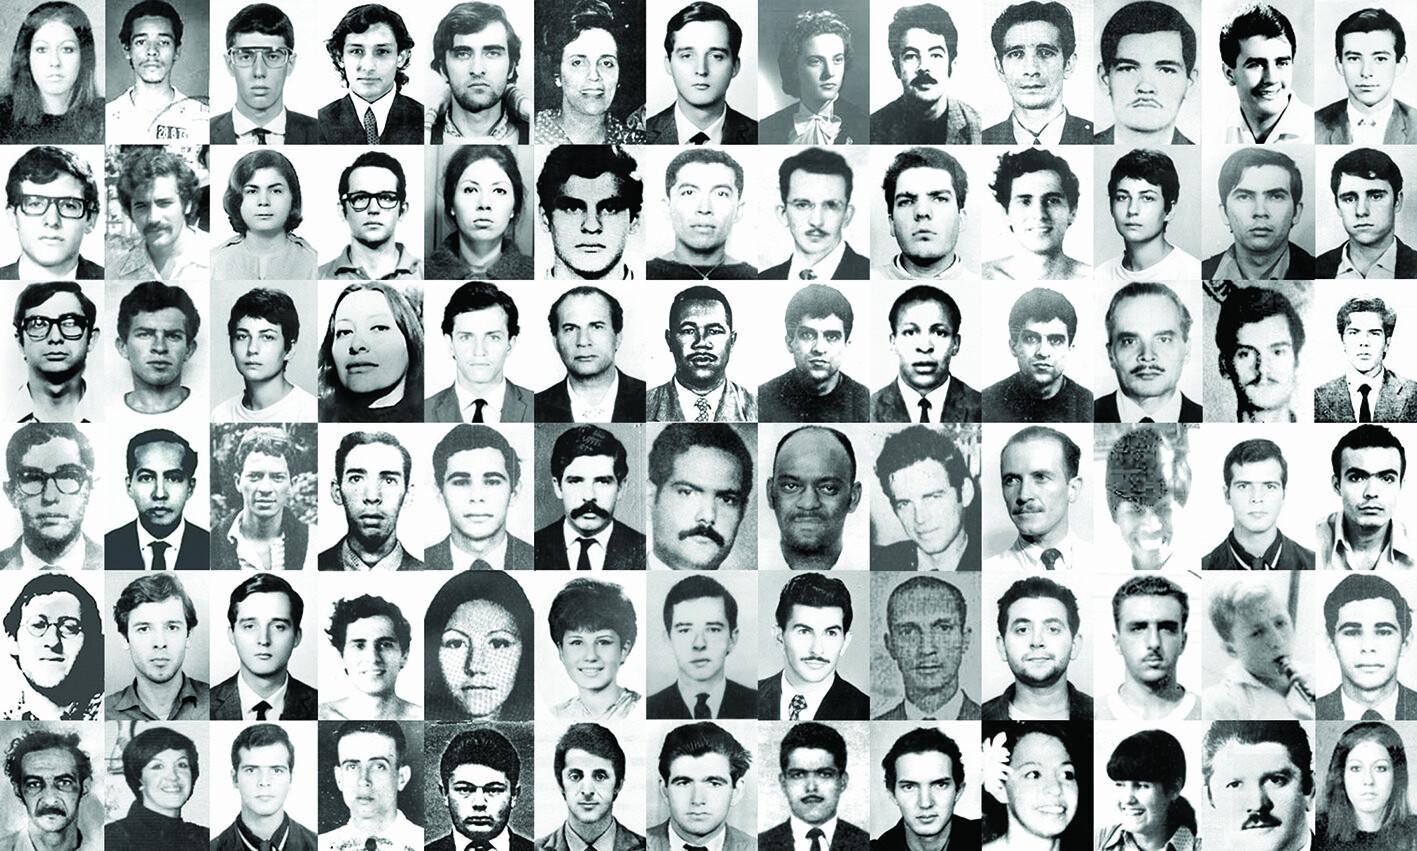 Painel com rosto de mortos e desaparecidos durante a ditadura militar no Brasil (1964-1985)